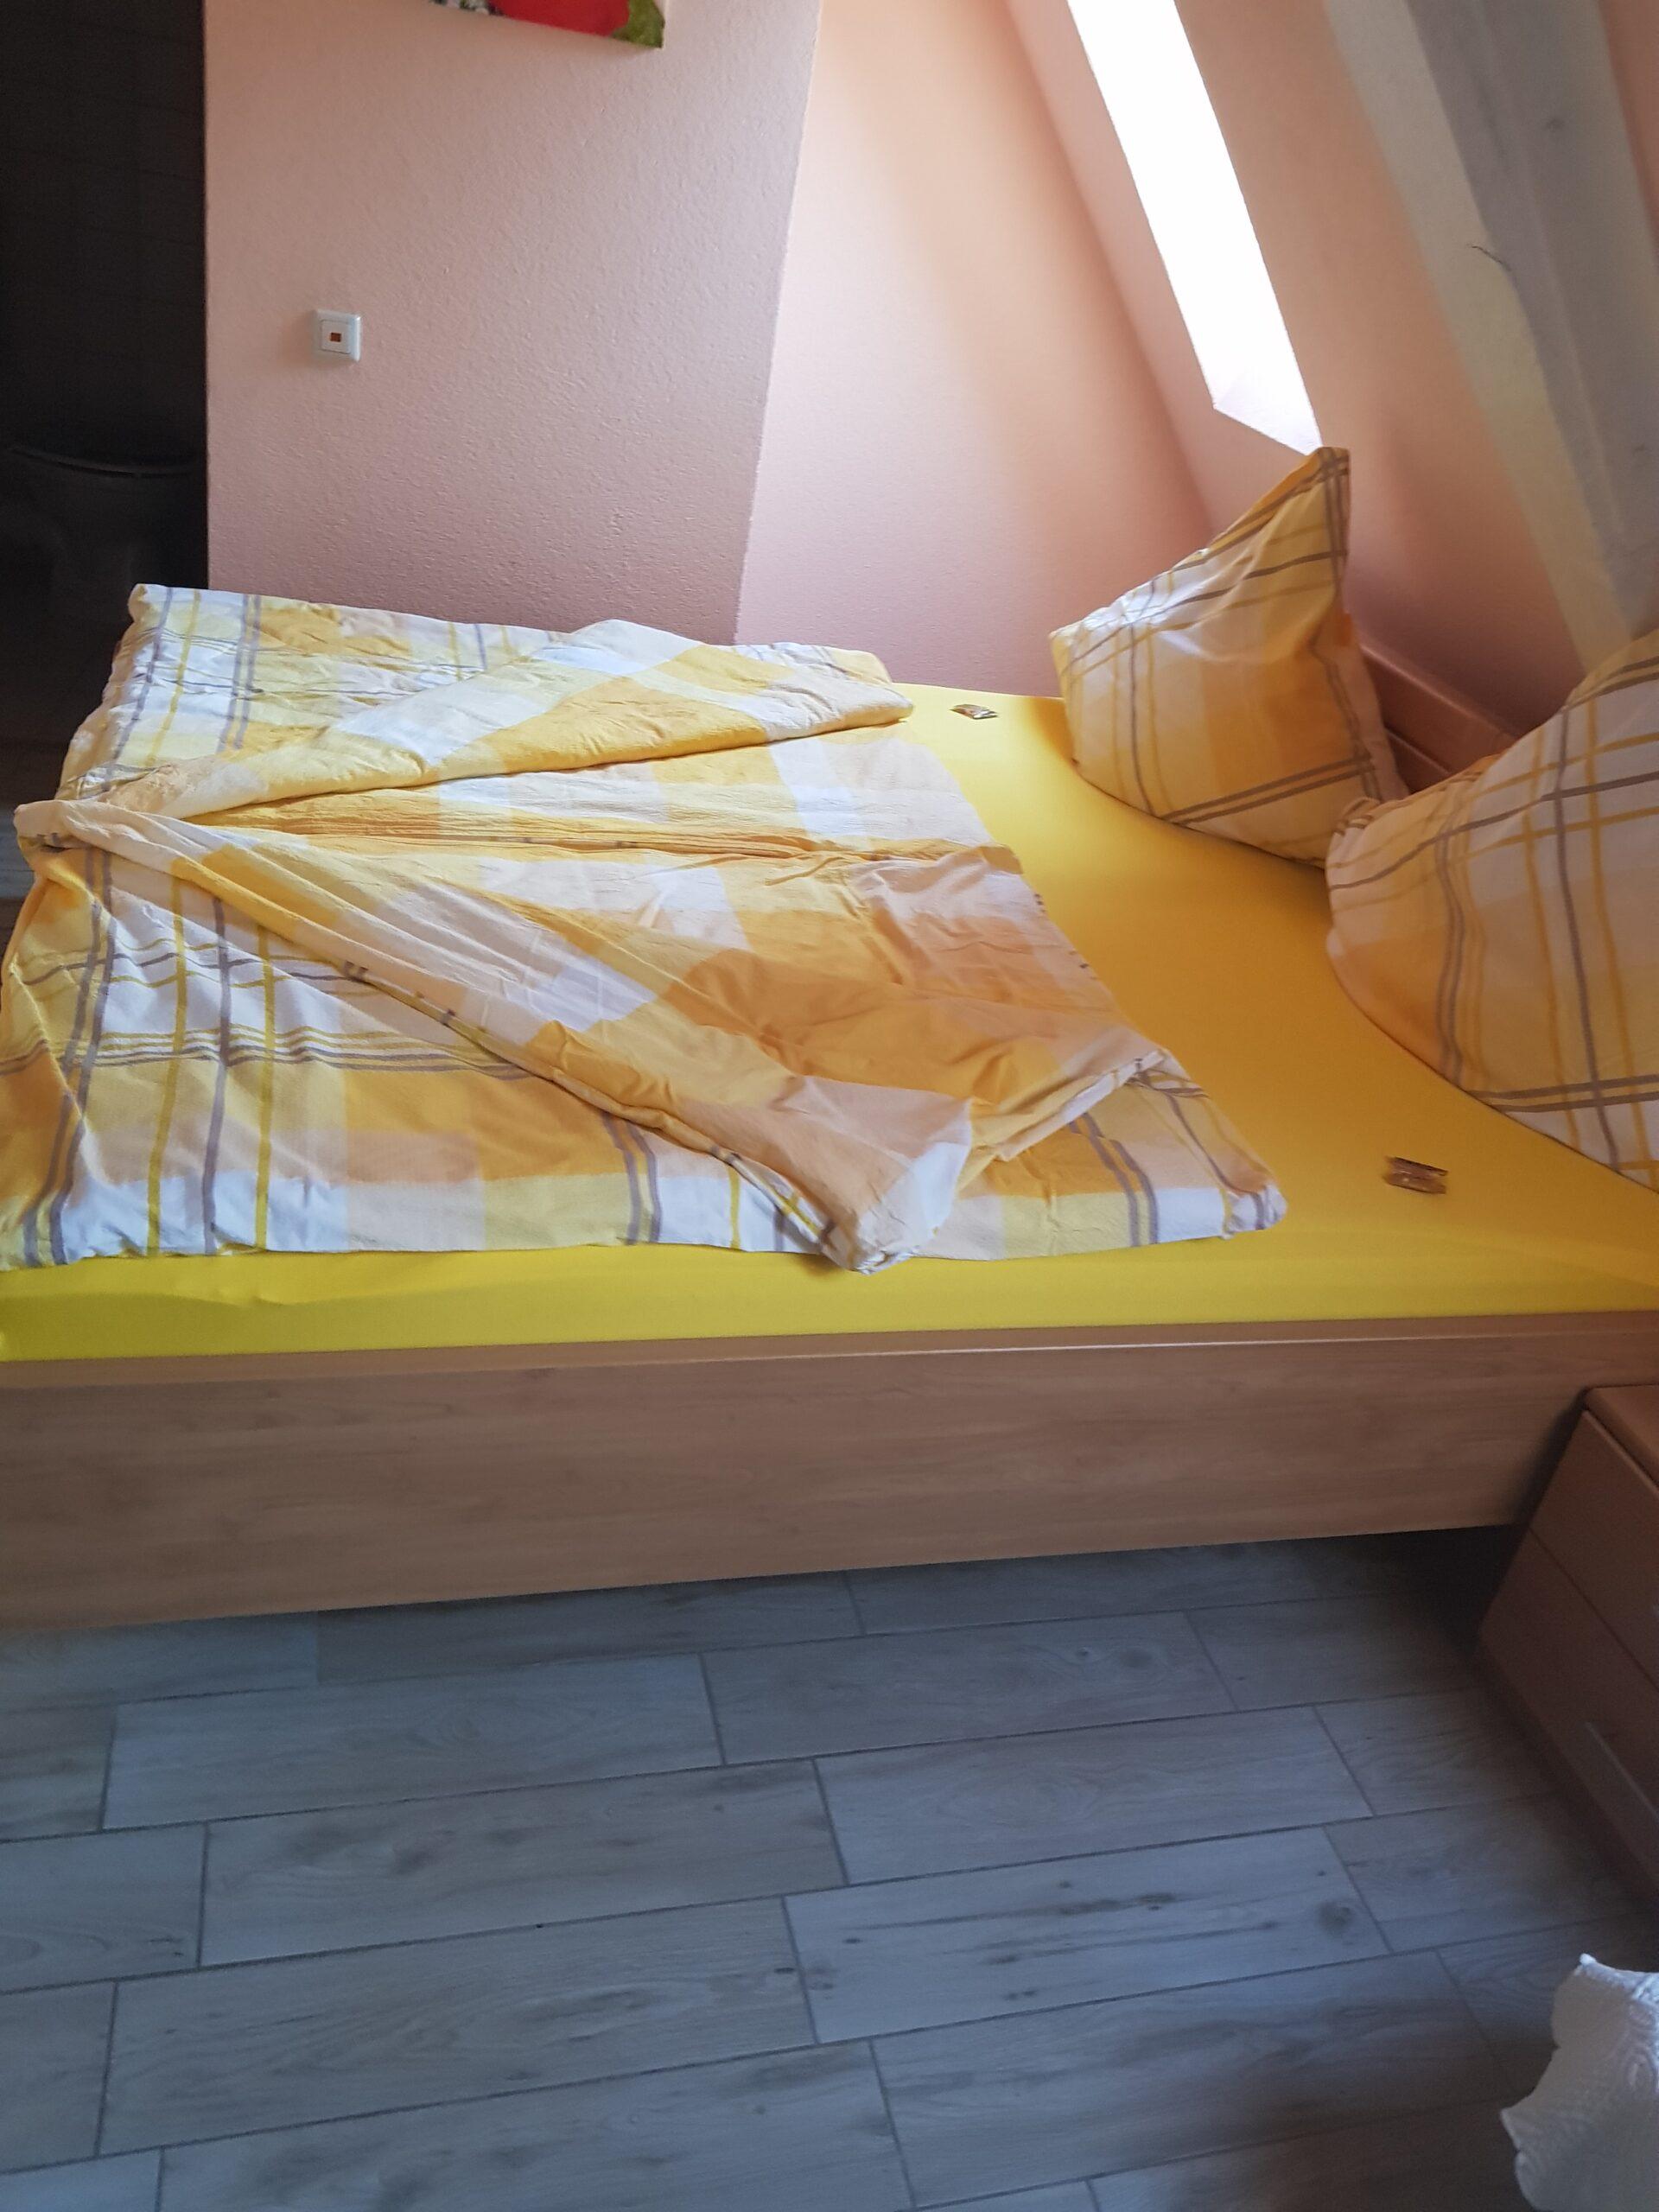 Full Size of Couch Ausklappbar Pensionszimmer Der Schfer Hof Ausklappbares Bett Wohnzimmer Couch Ausklappbar